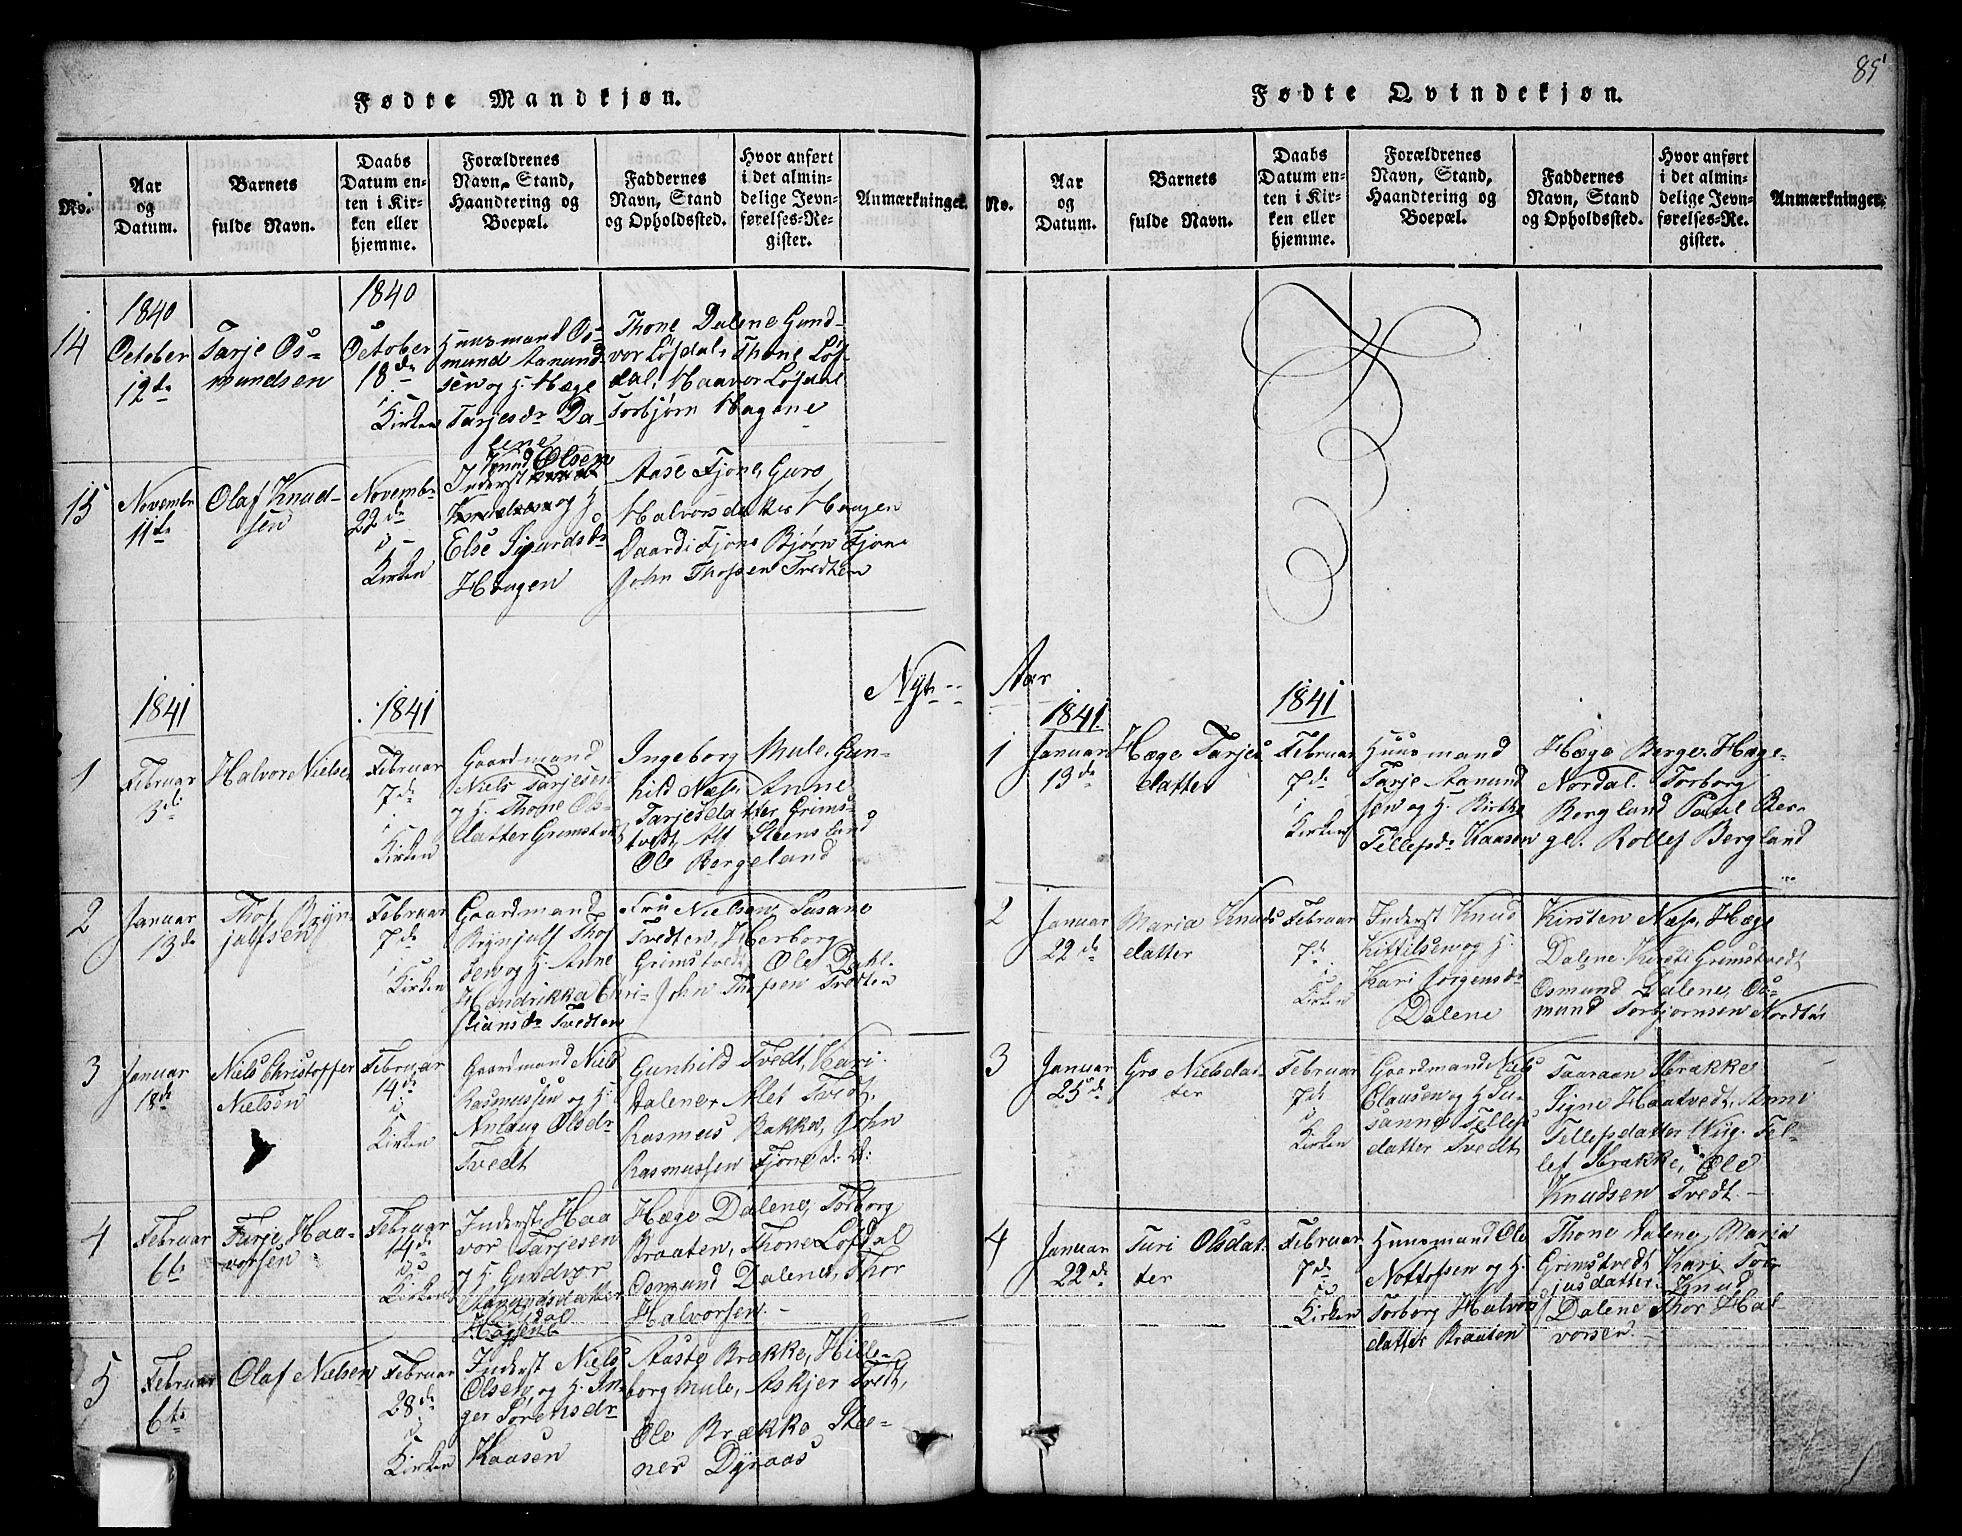 SAKO, Nissedal kirkebøker, G/Ga/L0001: Klokkerbok nr. I 1, 1814-1860, s. 85